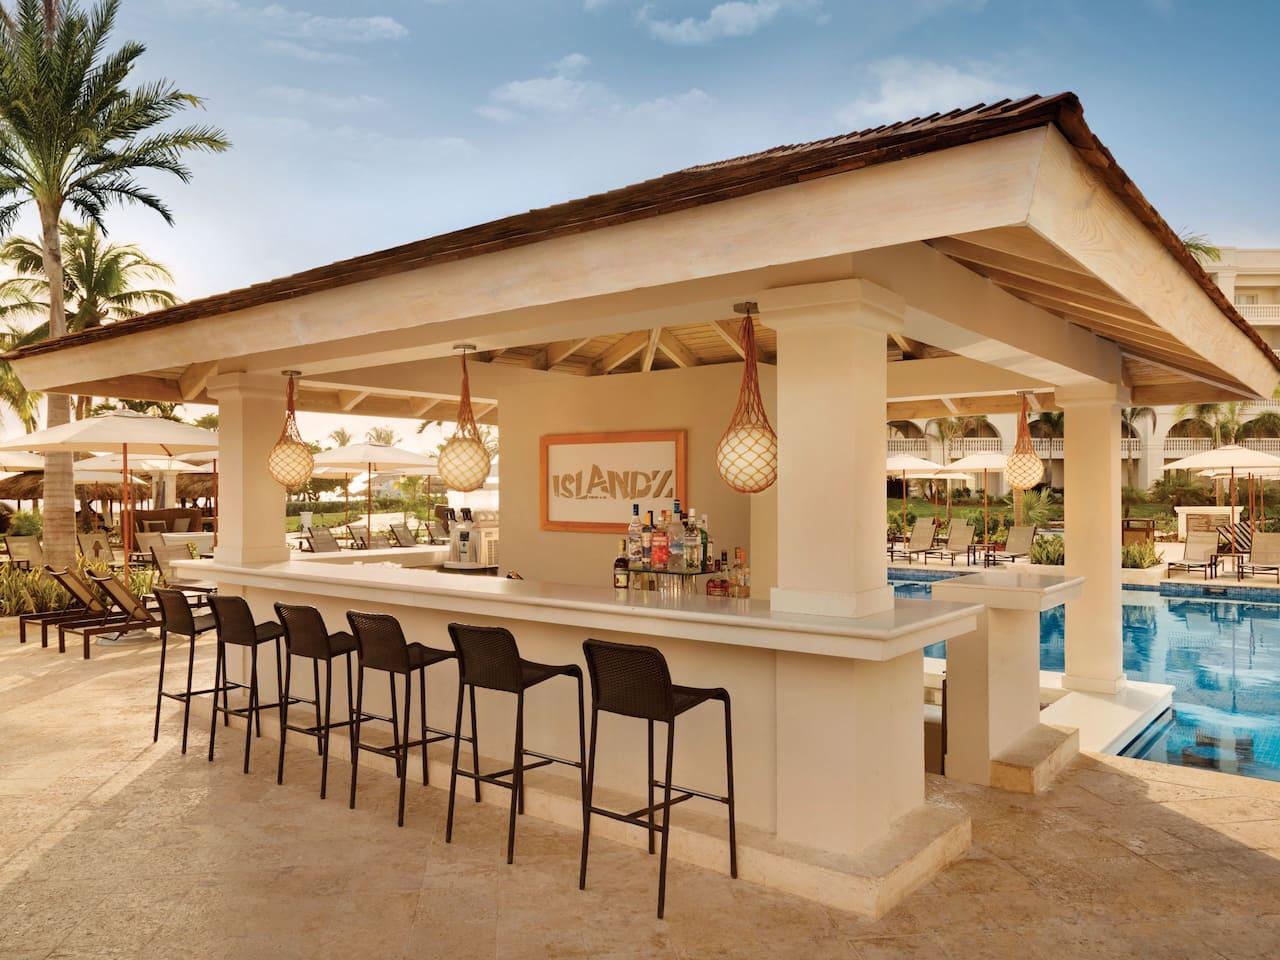 Islandz pool bar